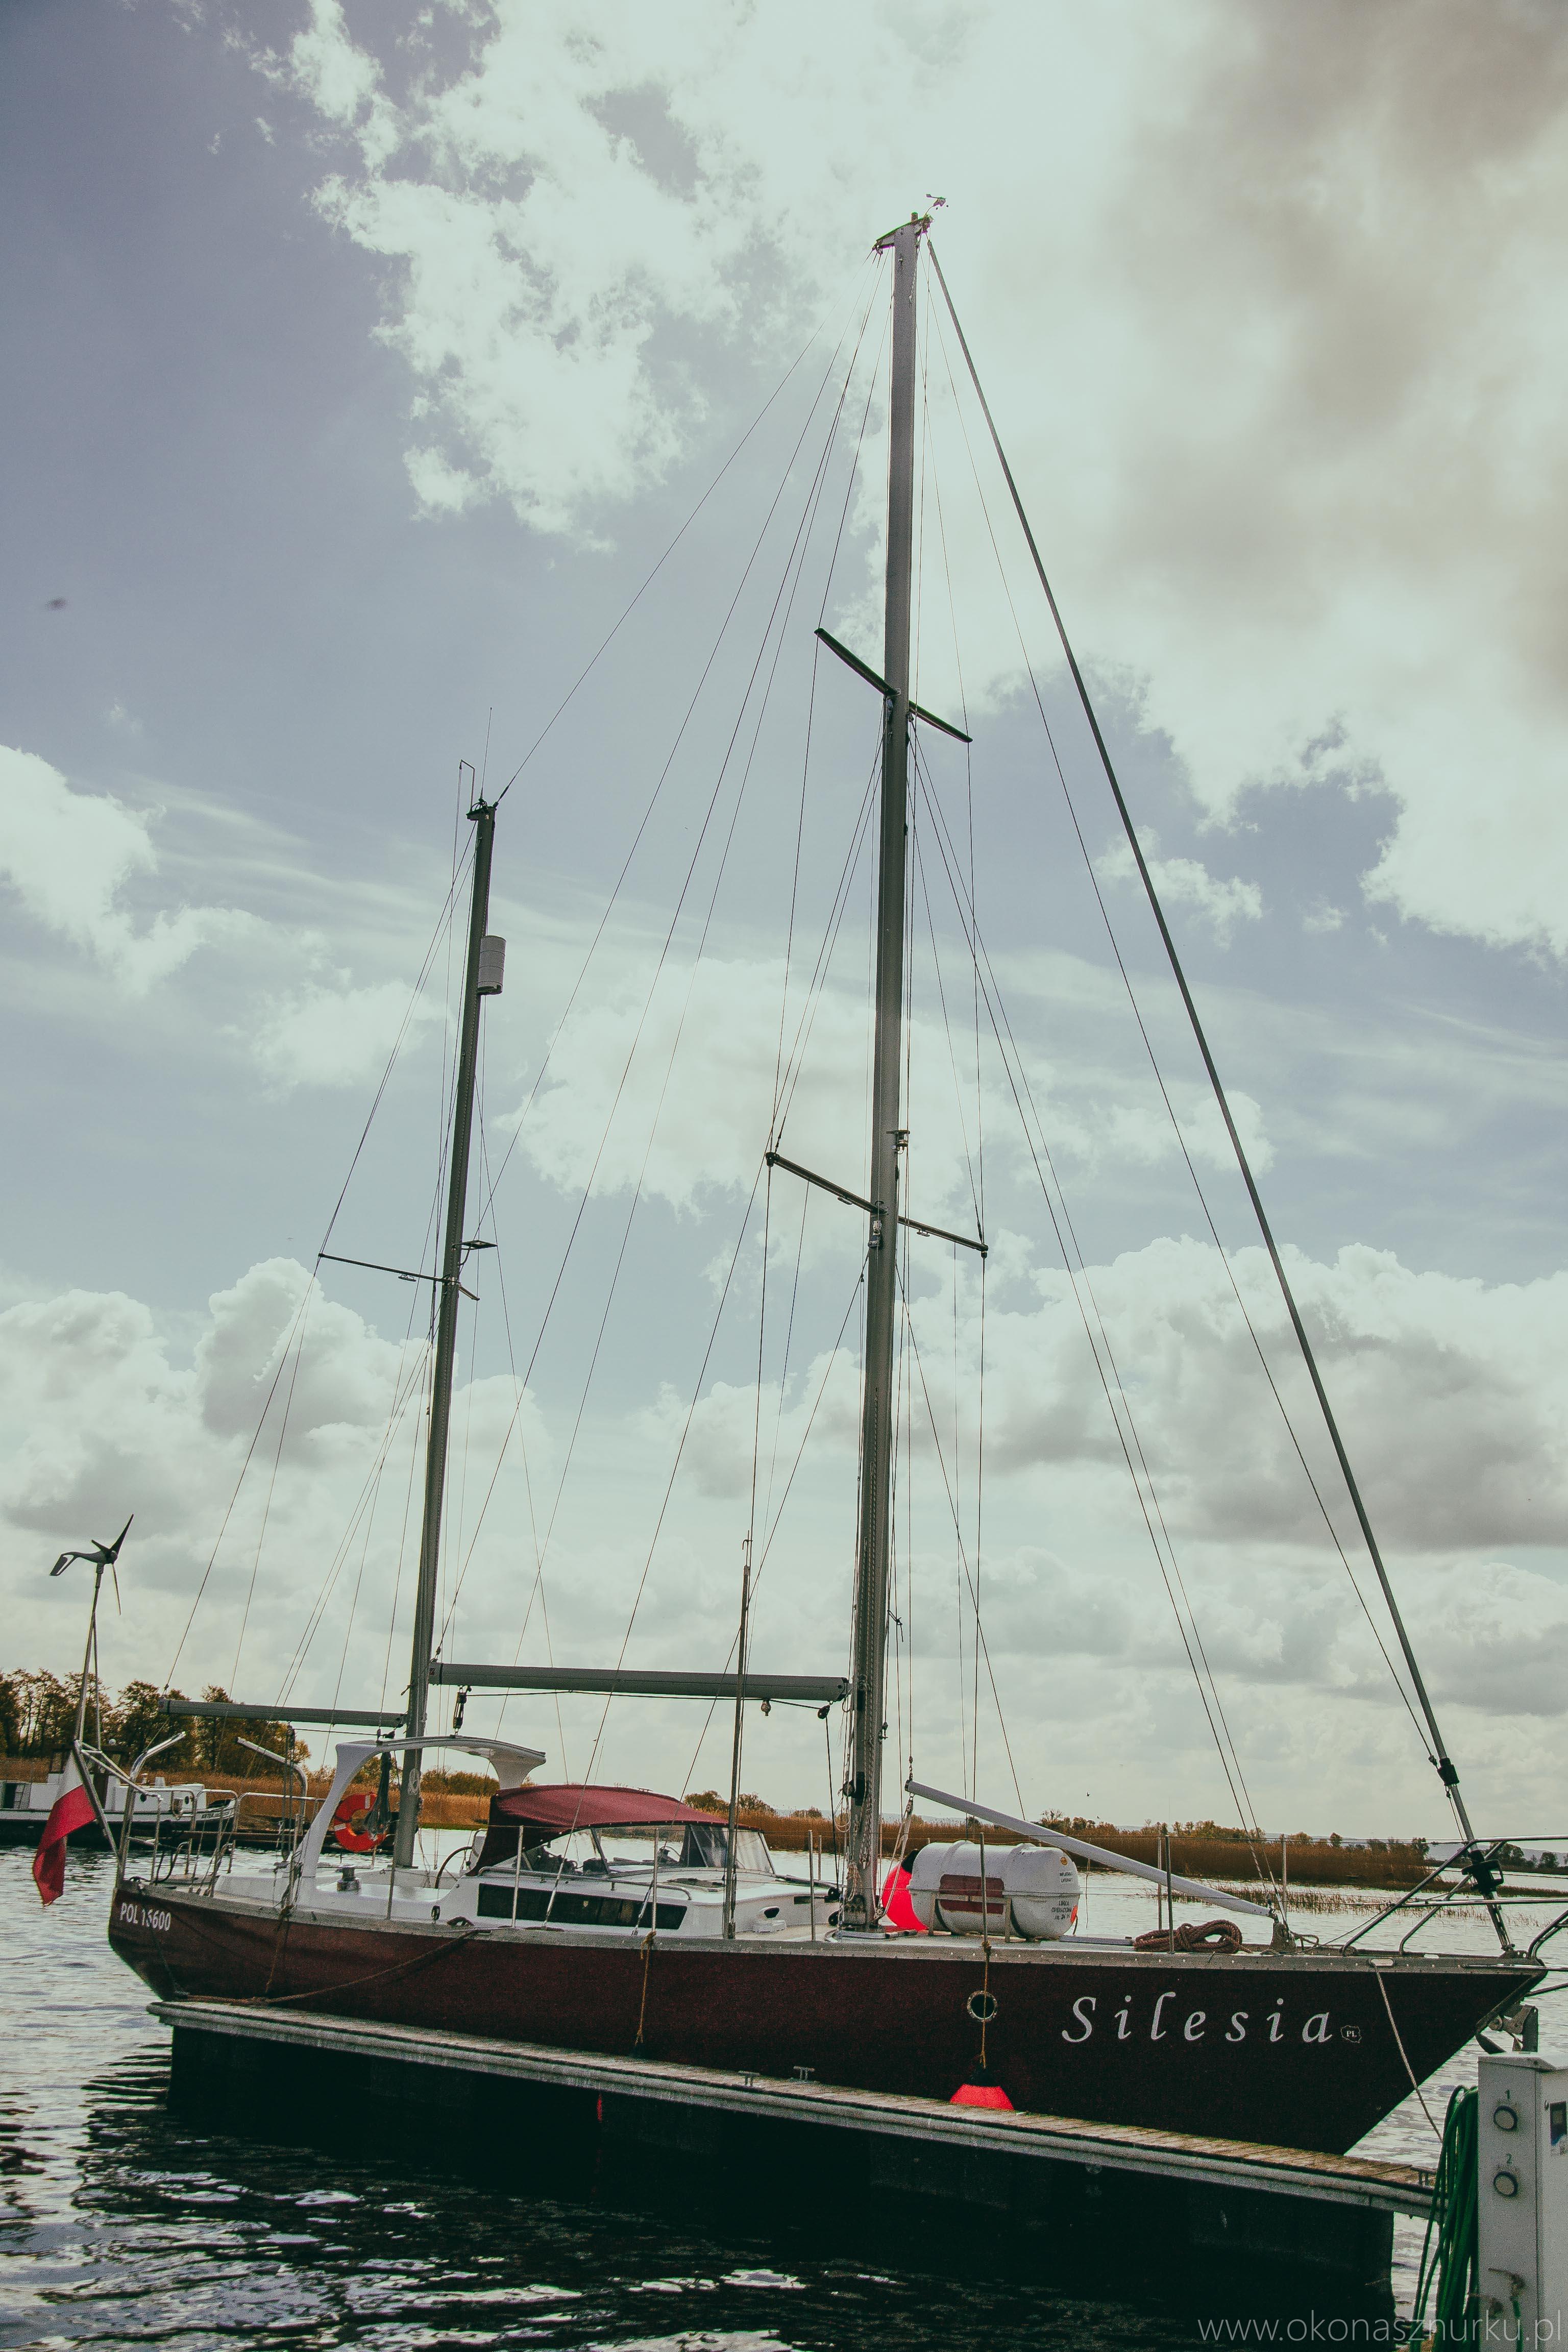 marina-jacht-wyprawy-morskie-silesia-szczecin-goclaw-lubczyna (54)